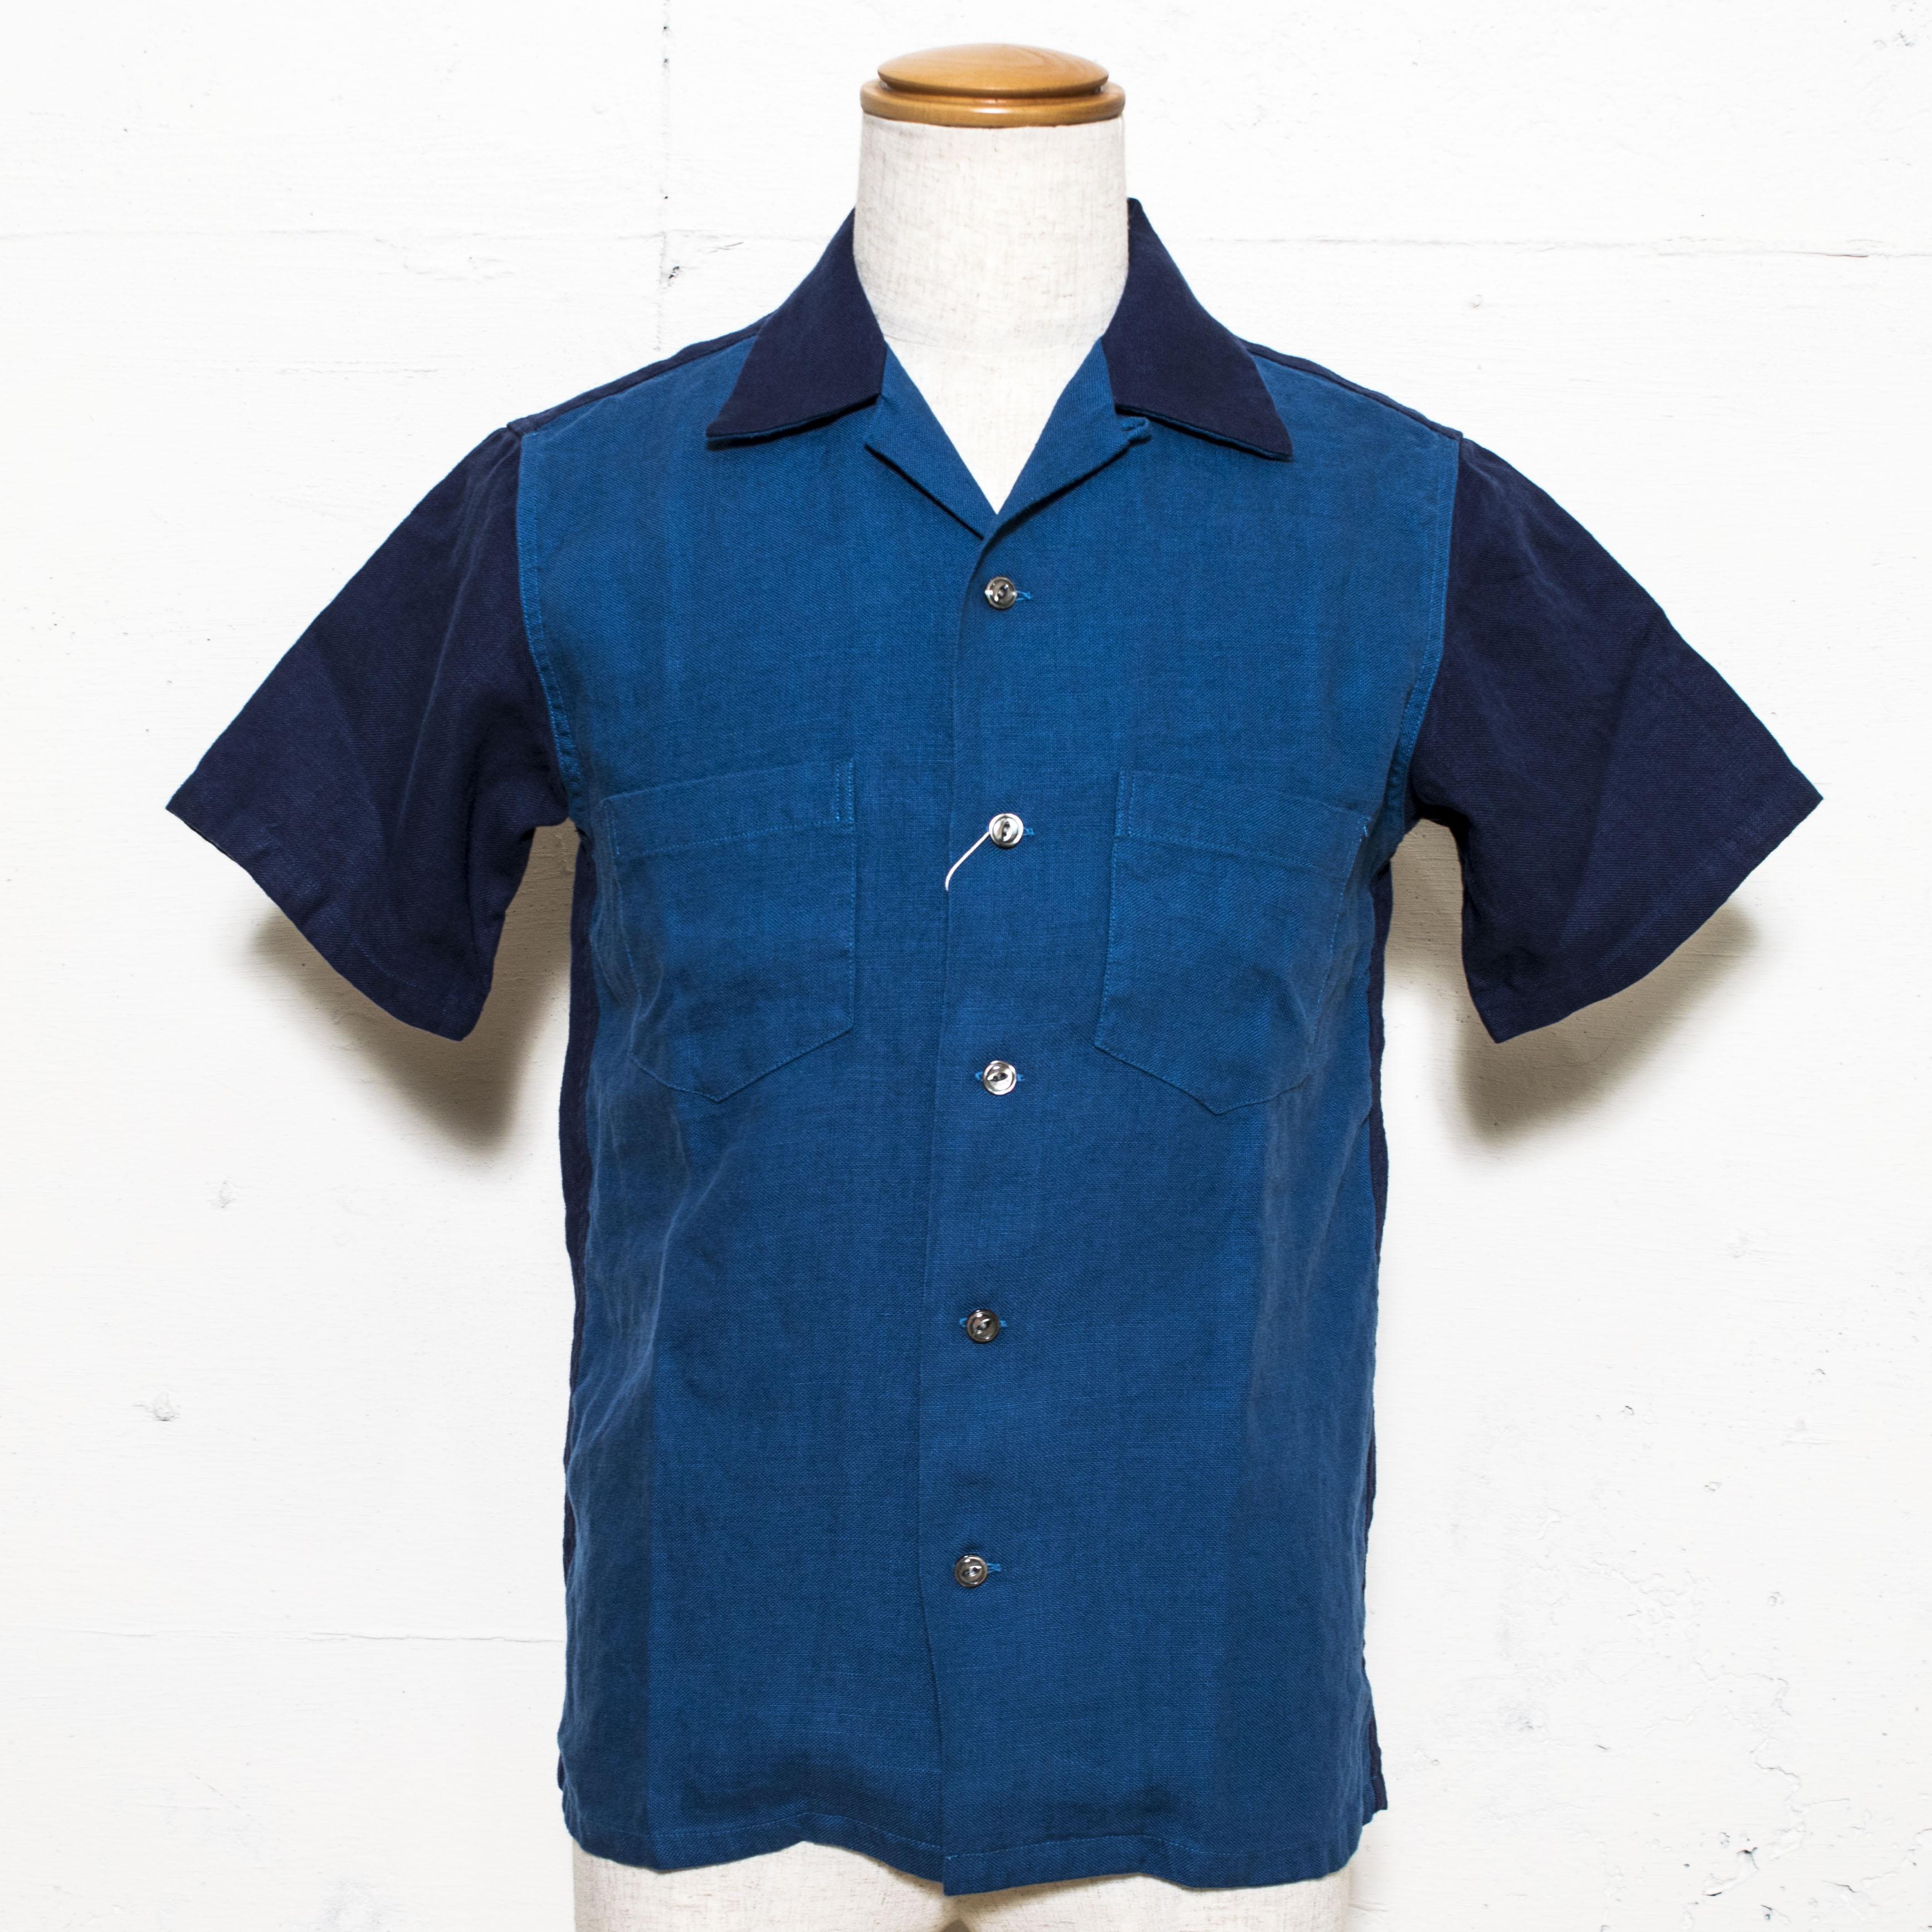 2トーンシャツ